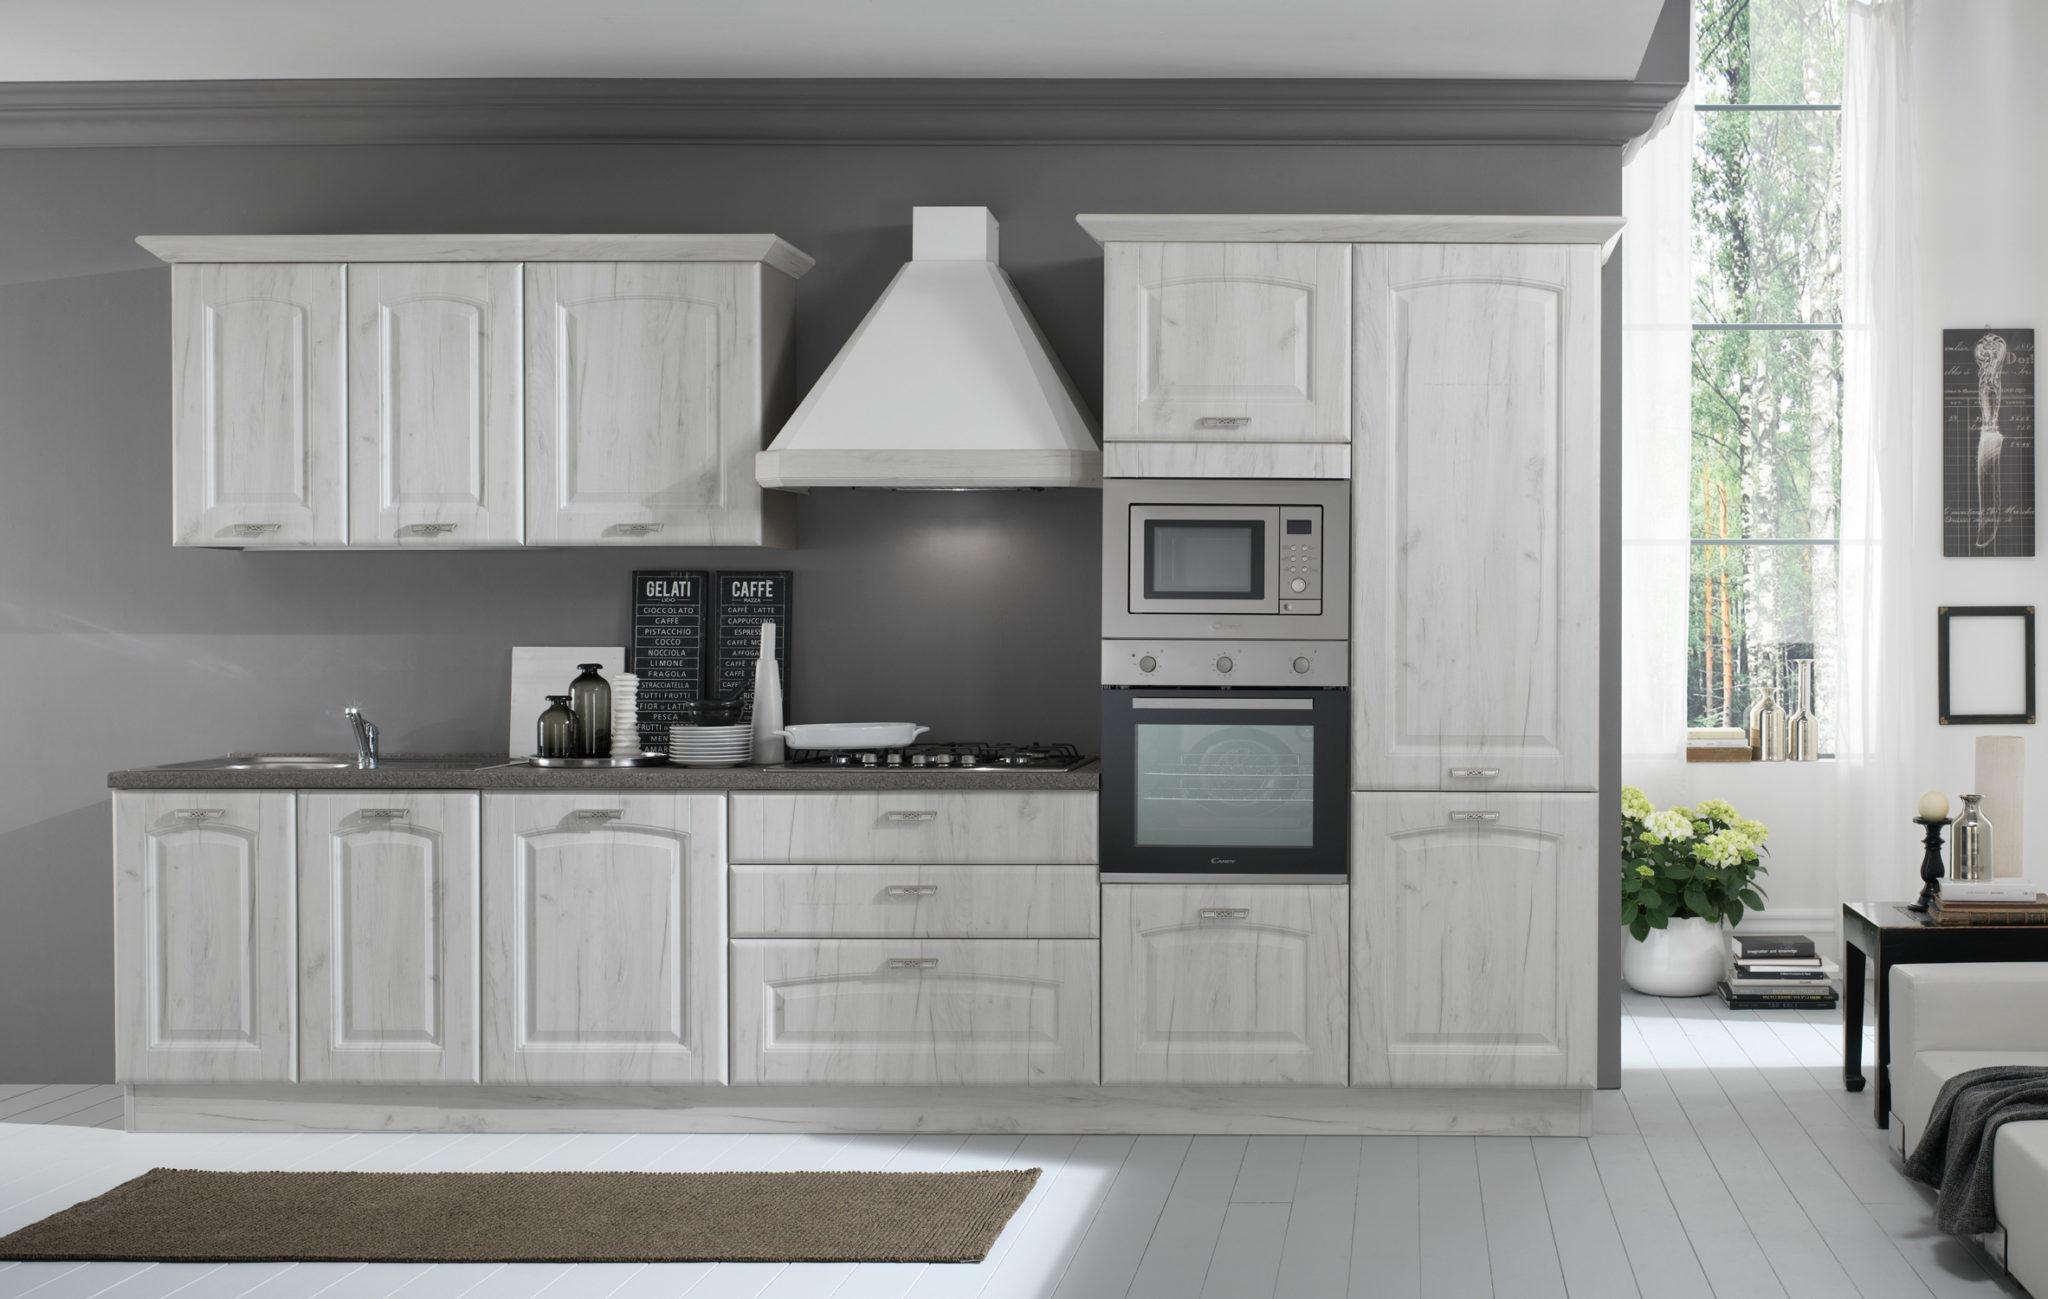 Cucine Mondo Convenienza Elettrodomestici mondo convenienza: l'offerta universale - casa live